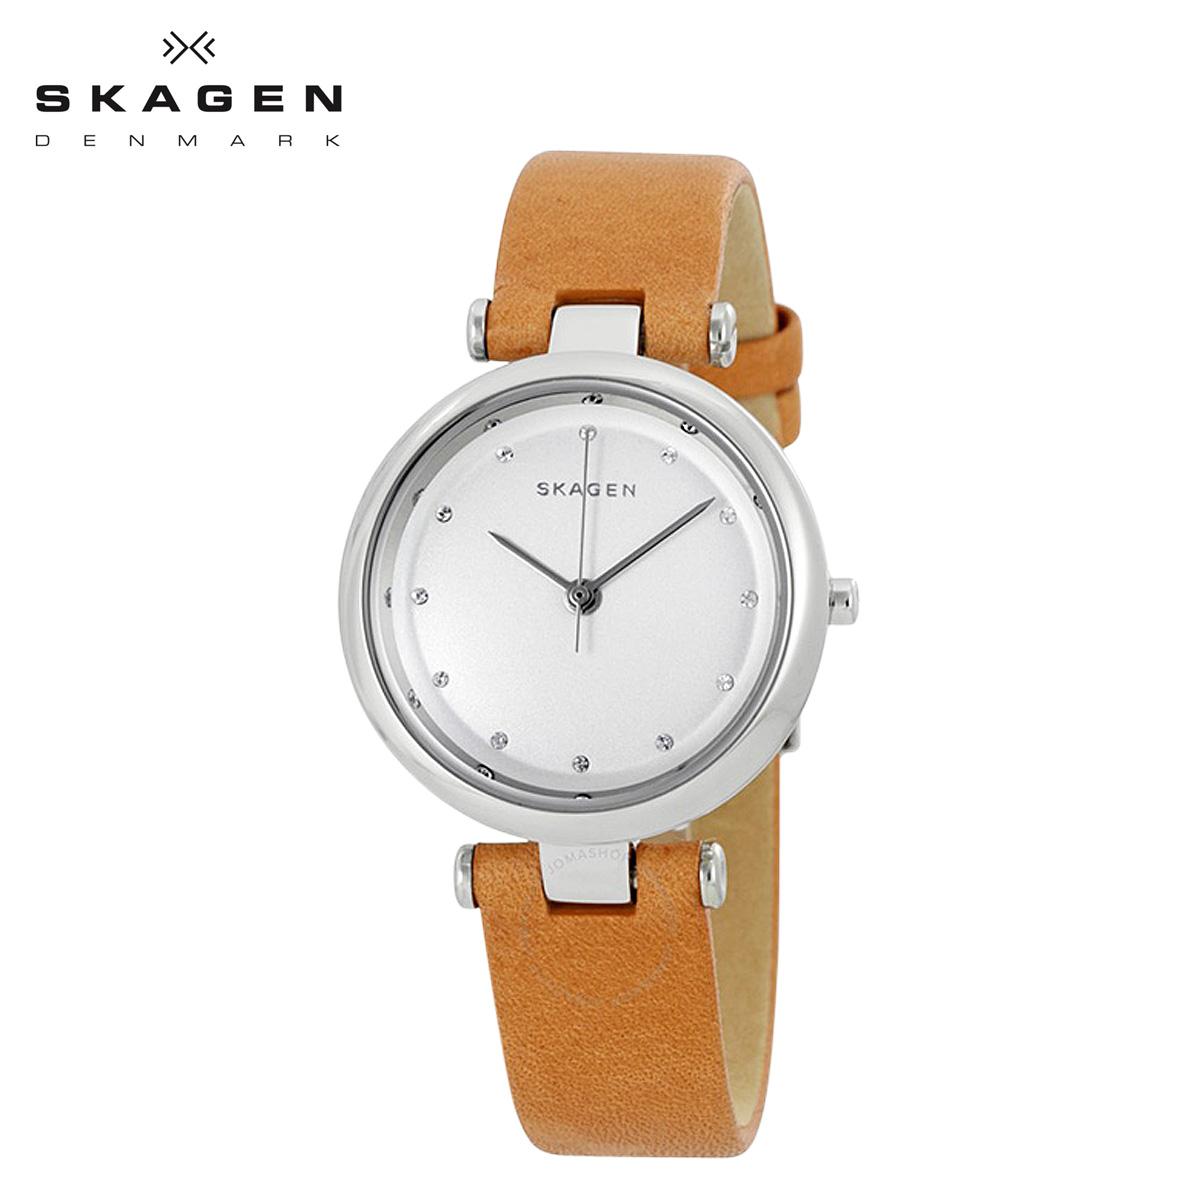 スカーゲン SKAGEN 腕時計 レディース 時計 レザー TANJA ターニャ SKW2455 ブラウン 防水 【あす楽対象外】【返品不可】